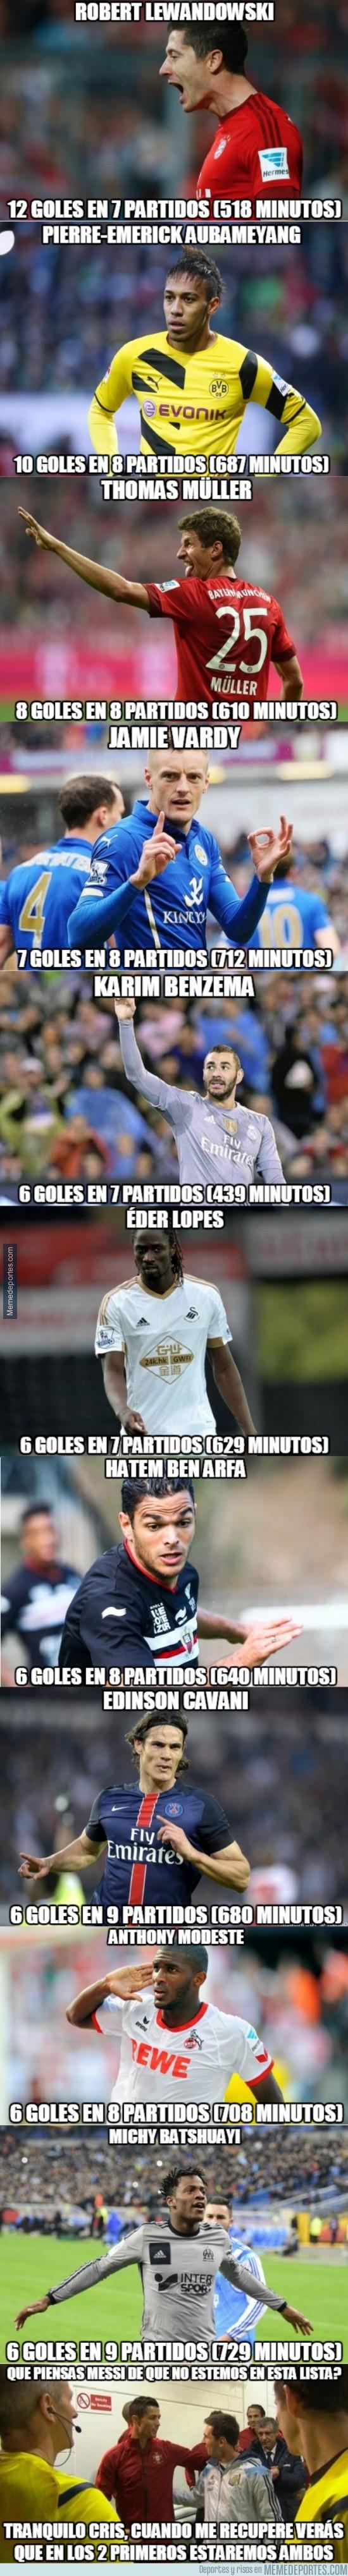 705740 - Ni CR7, ni Messi. Listado de los máximos goleadores TOP en Europa